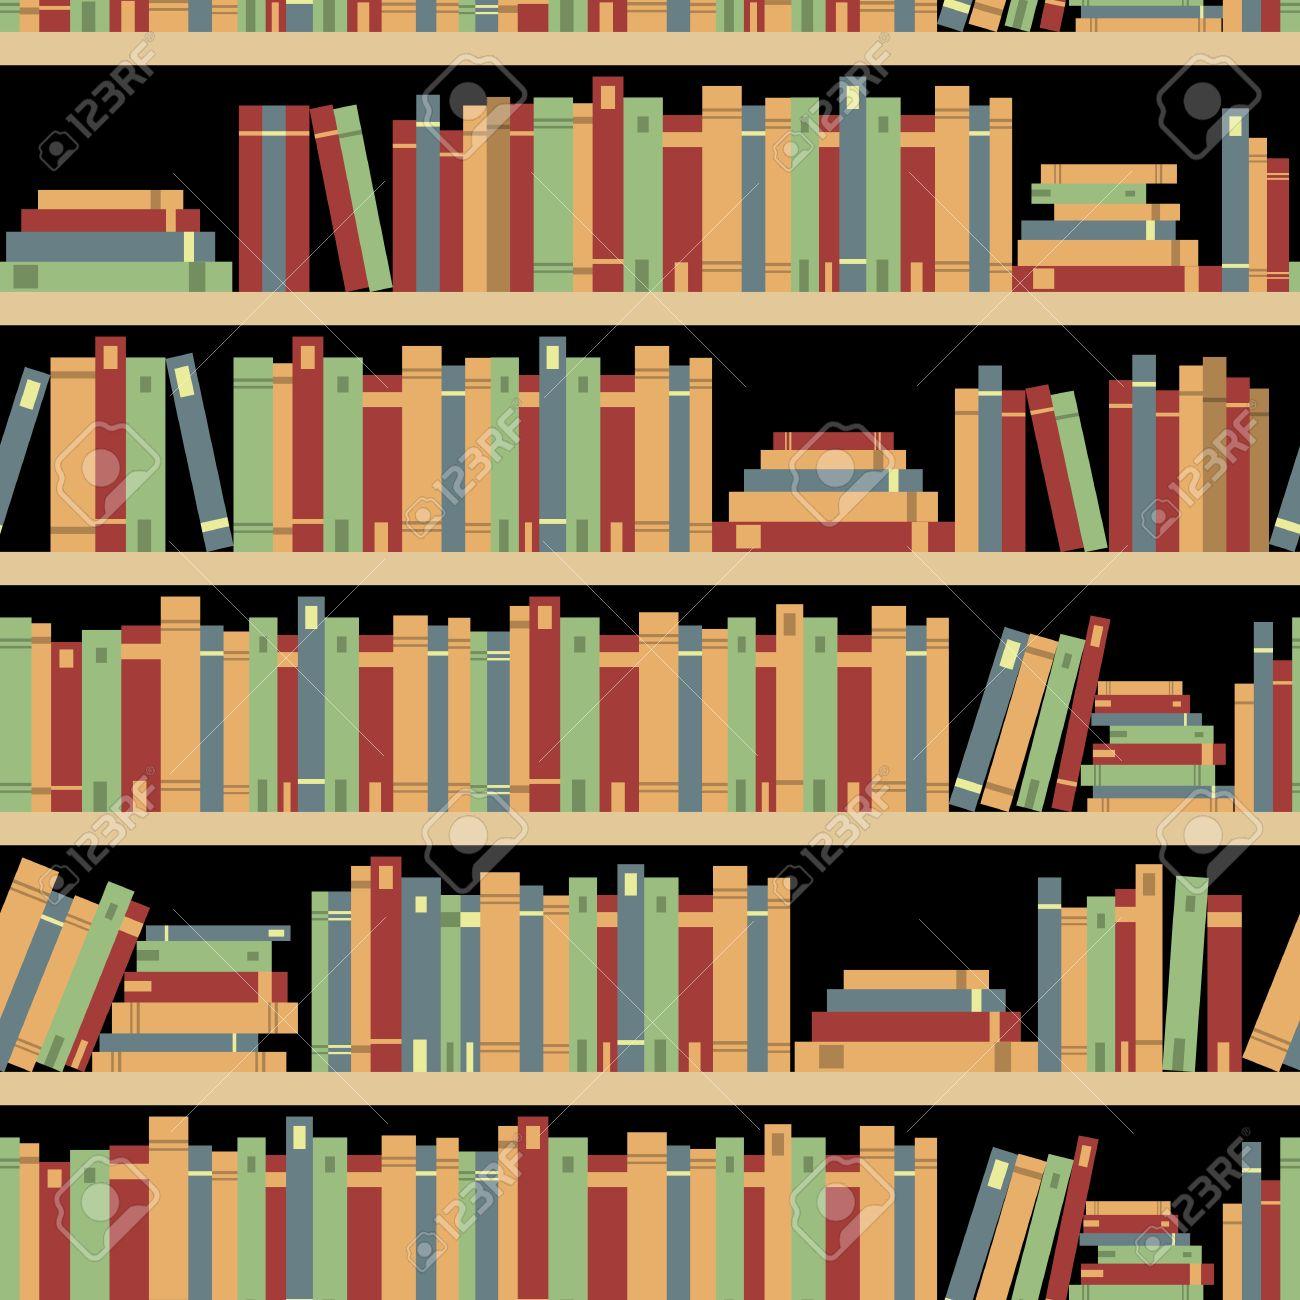 libros sin soldadura sin patrn con libros estantera de la biblioteca biblioteca